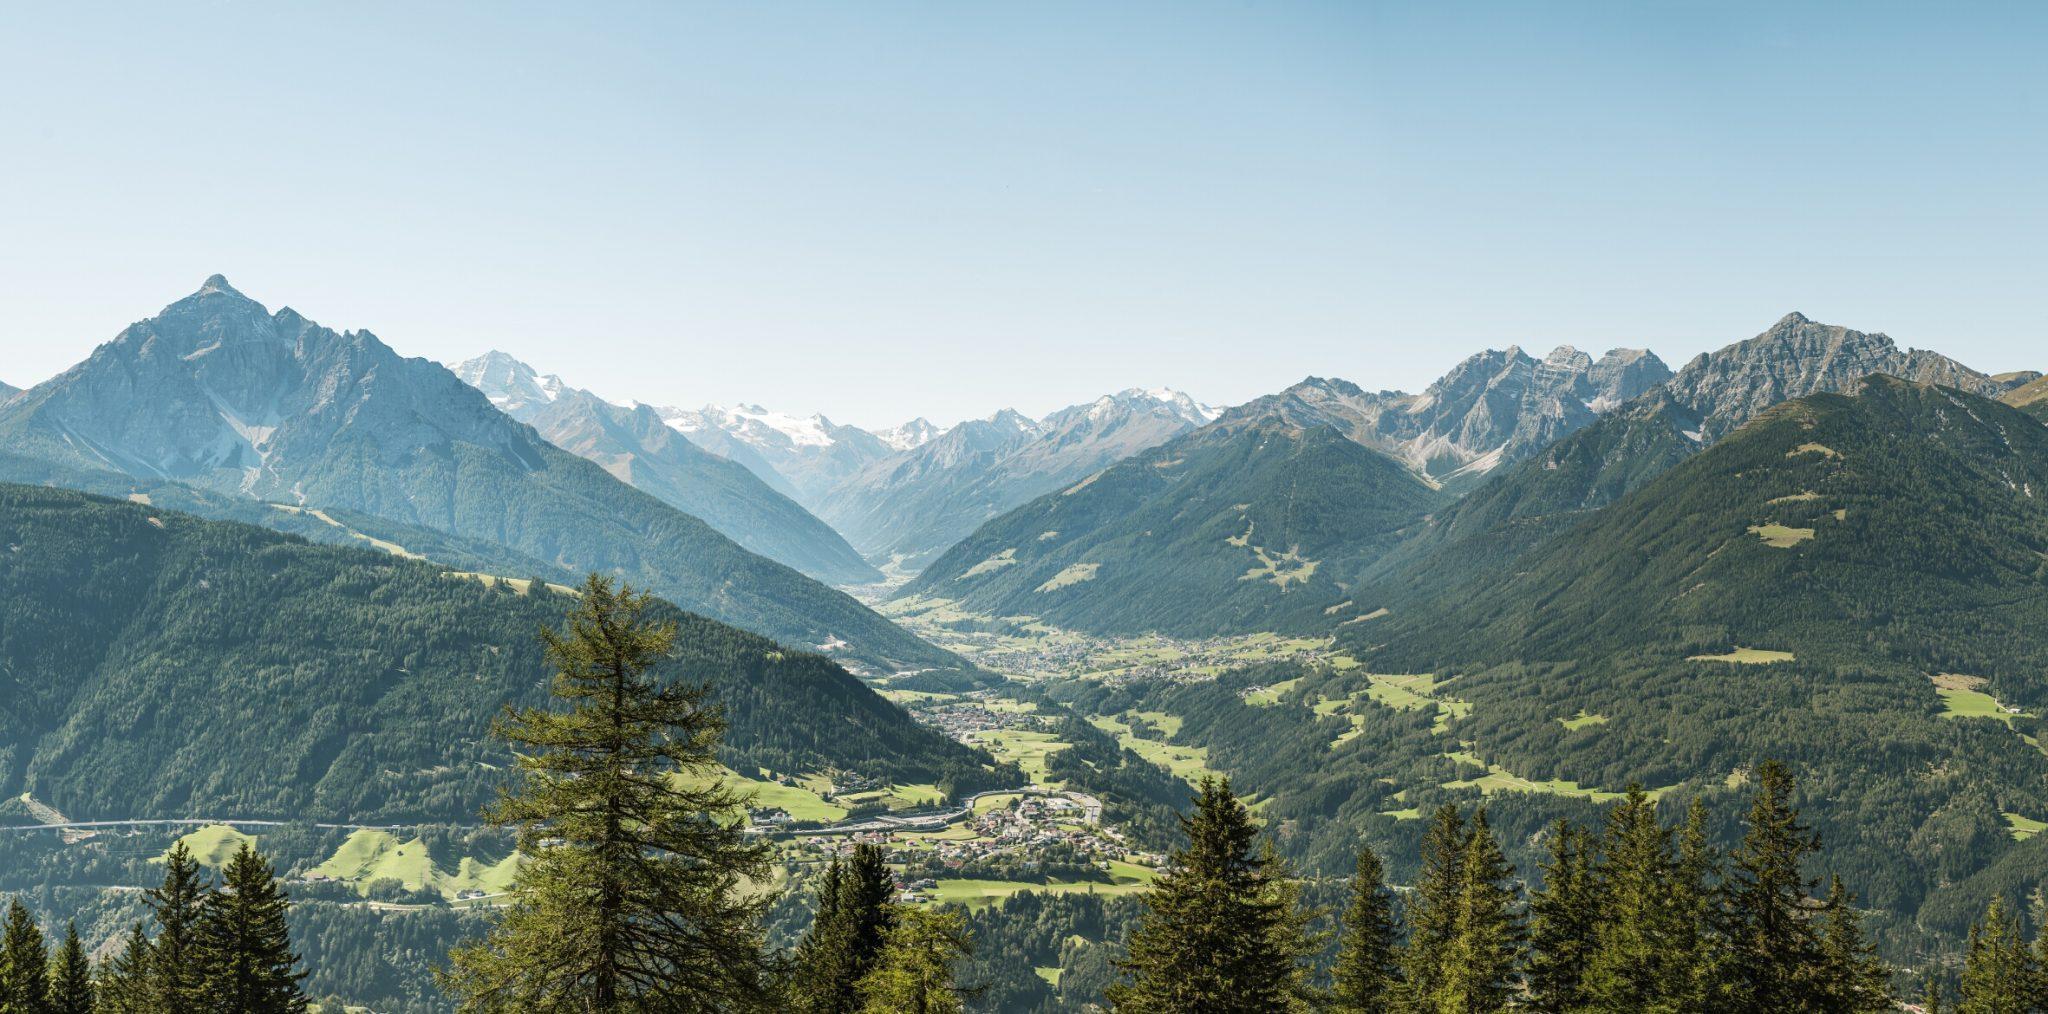 Das Stubaital hat sich auf den Neustart sorgfältig vorbereitet. Das 35 Kilometer lange Tal sŸdlich von Innsbruck direkt am Alpenhauptkamm bietet Bergfreunden und Erholungssuchenden ein ungewšhnlich vielseitiges Angebot.